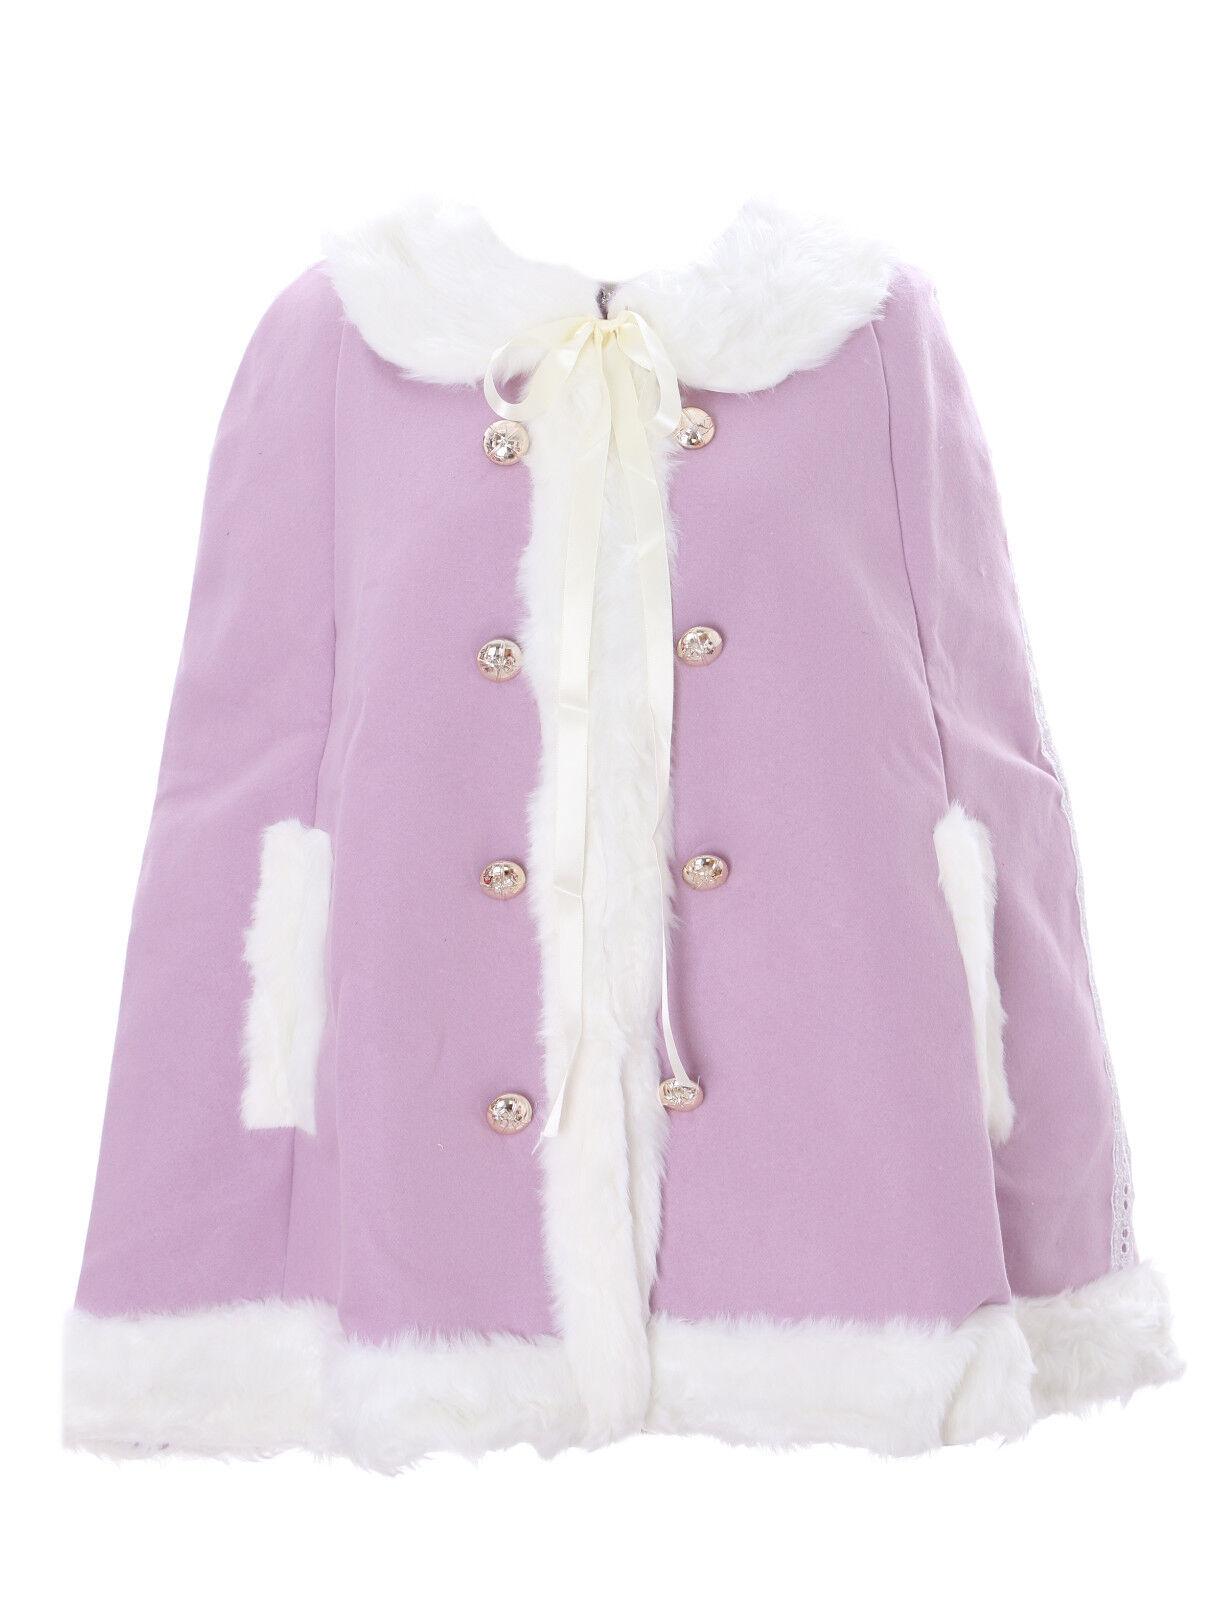 Ts-84-a púrpura púrpuras Cape  capa Lolita Woll-chaqueta pastel Goth Harajuku japón Ka  el estilo clásico